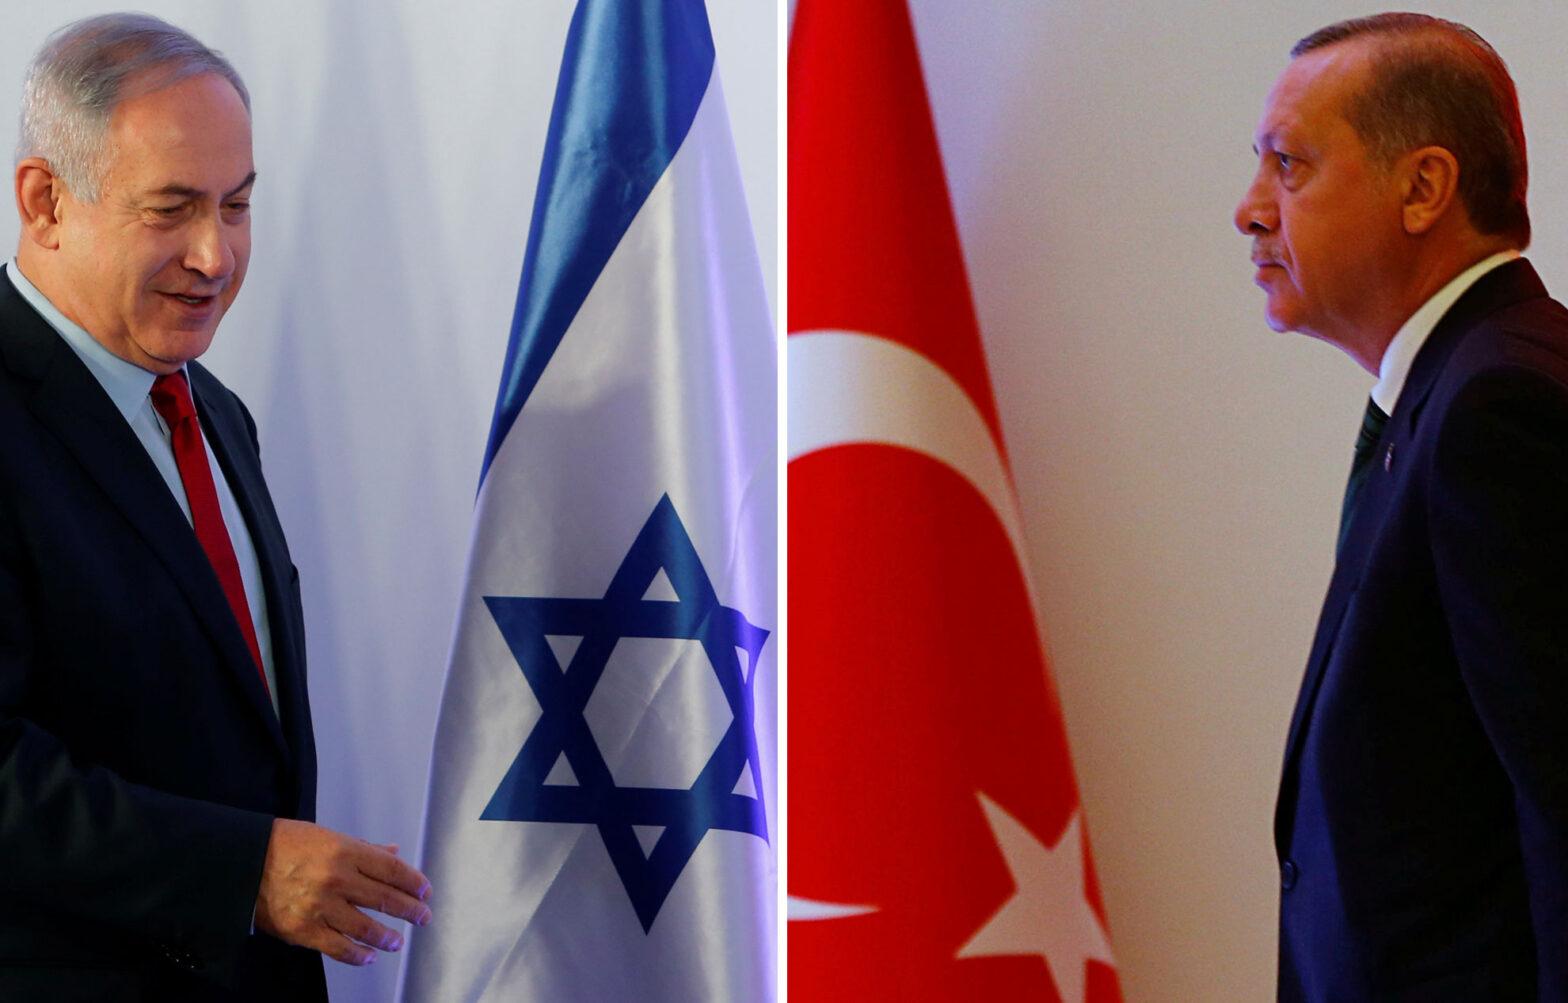 لماذا لم ترفض حماس وفتح التطبيع التركي؟